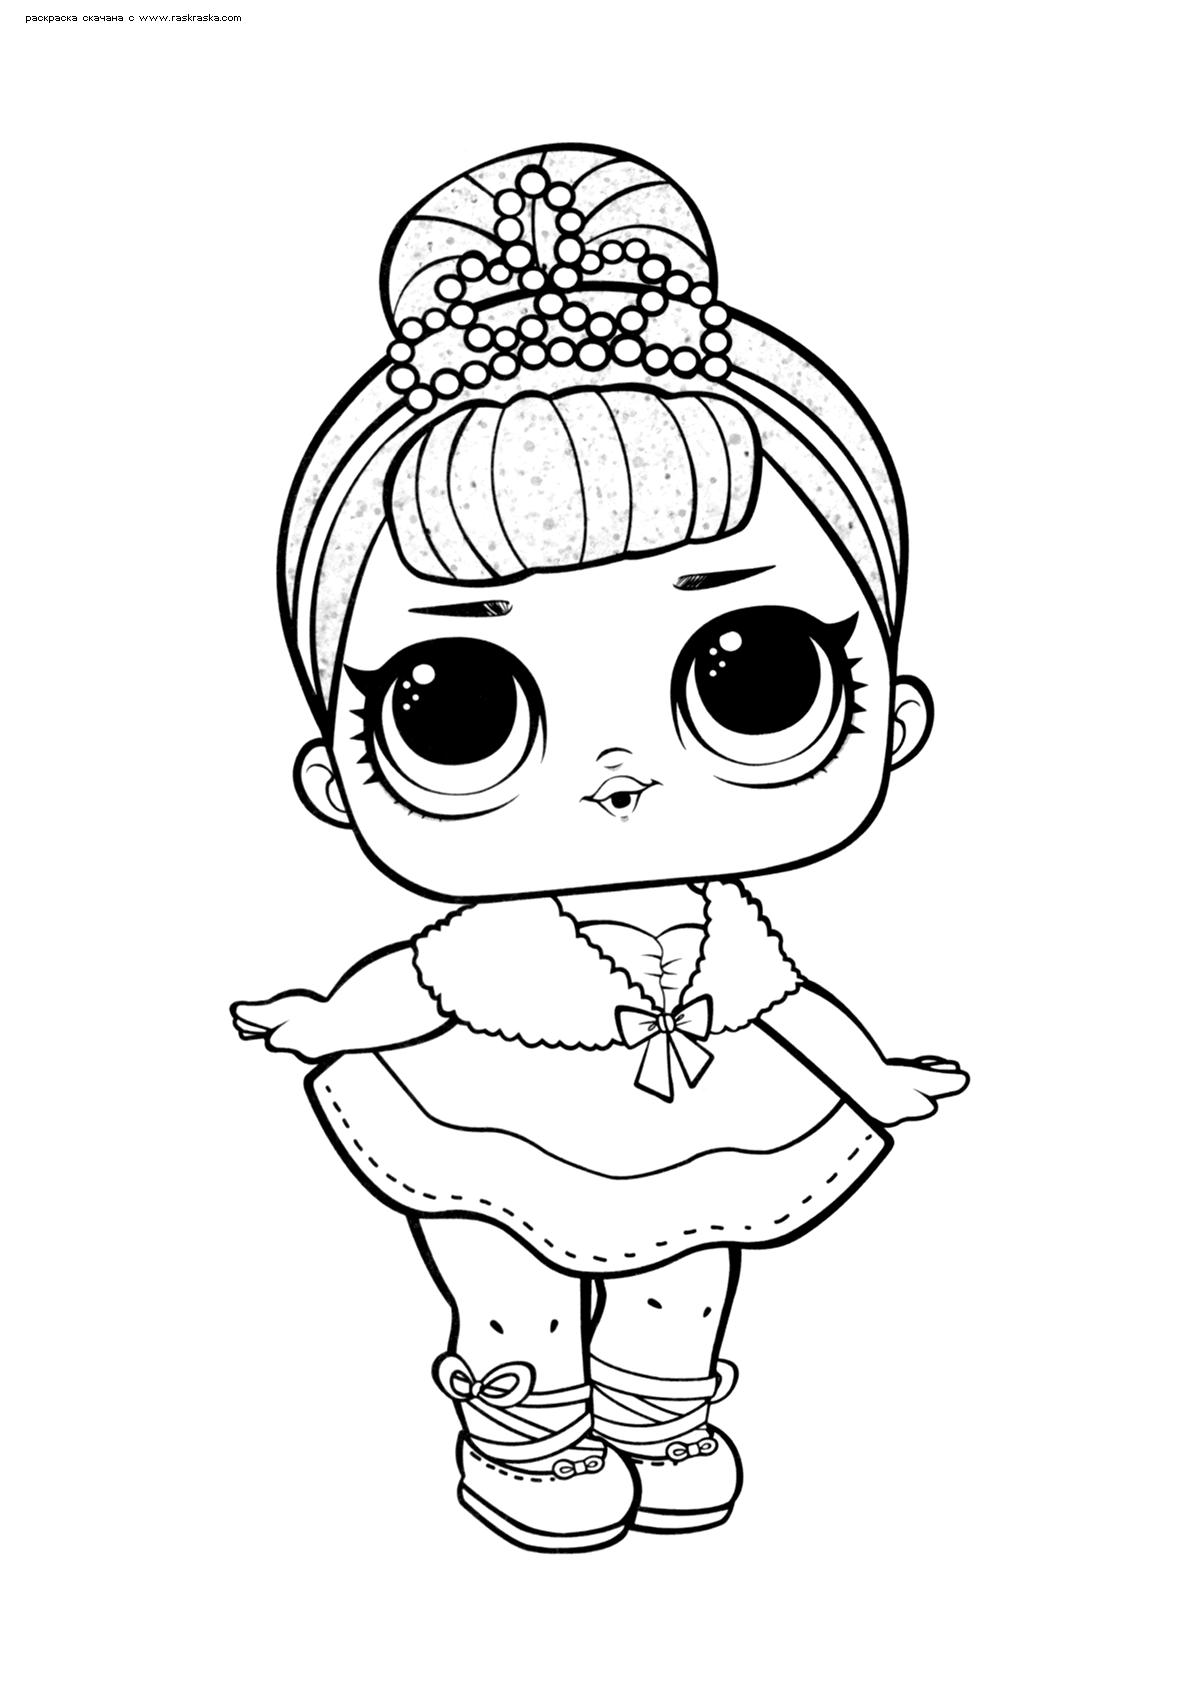 Раскраска ЛОЛ Crystal Queen (Королева Кристалл) серия 1. Раскраска лол